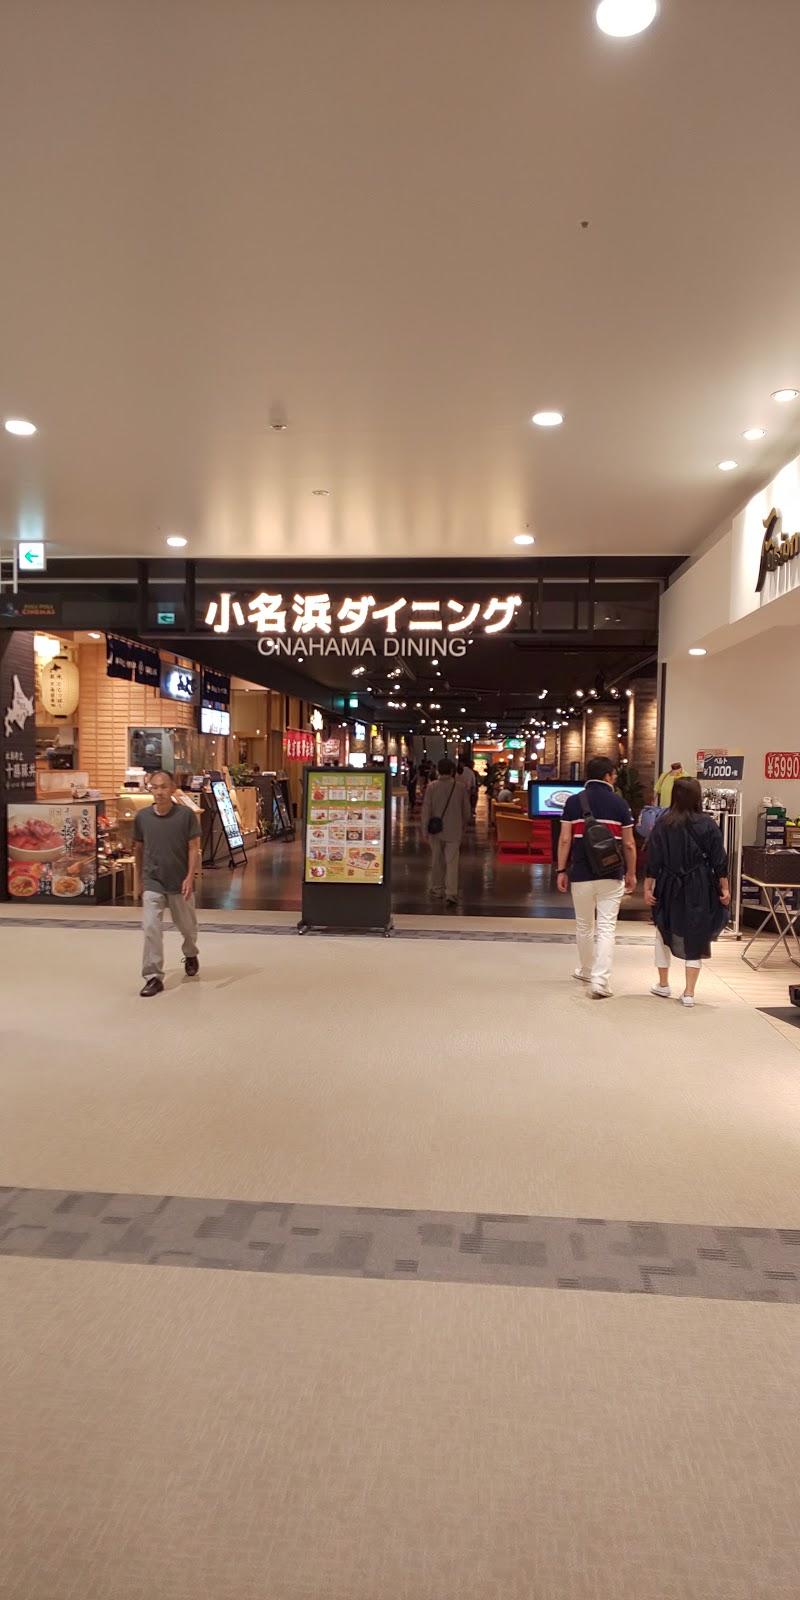 イオン モール 小名浜 映画 館 ポレポレ